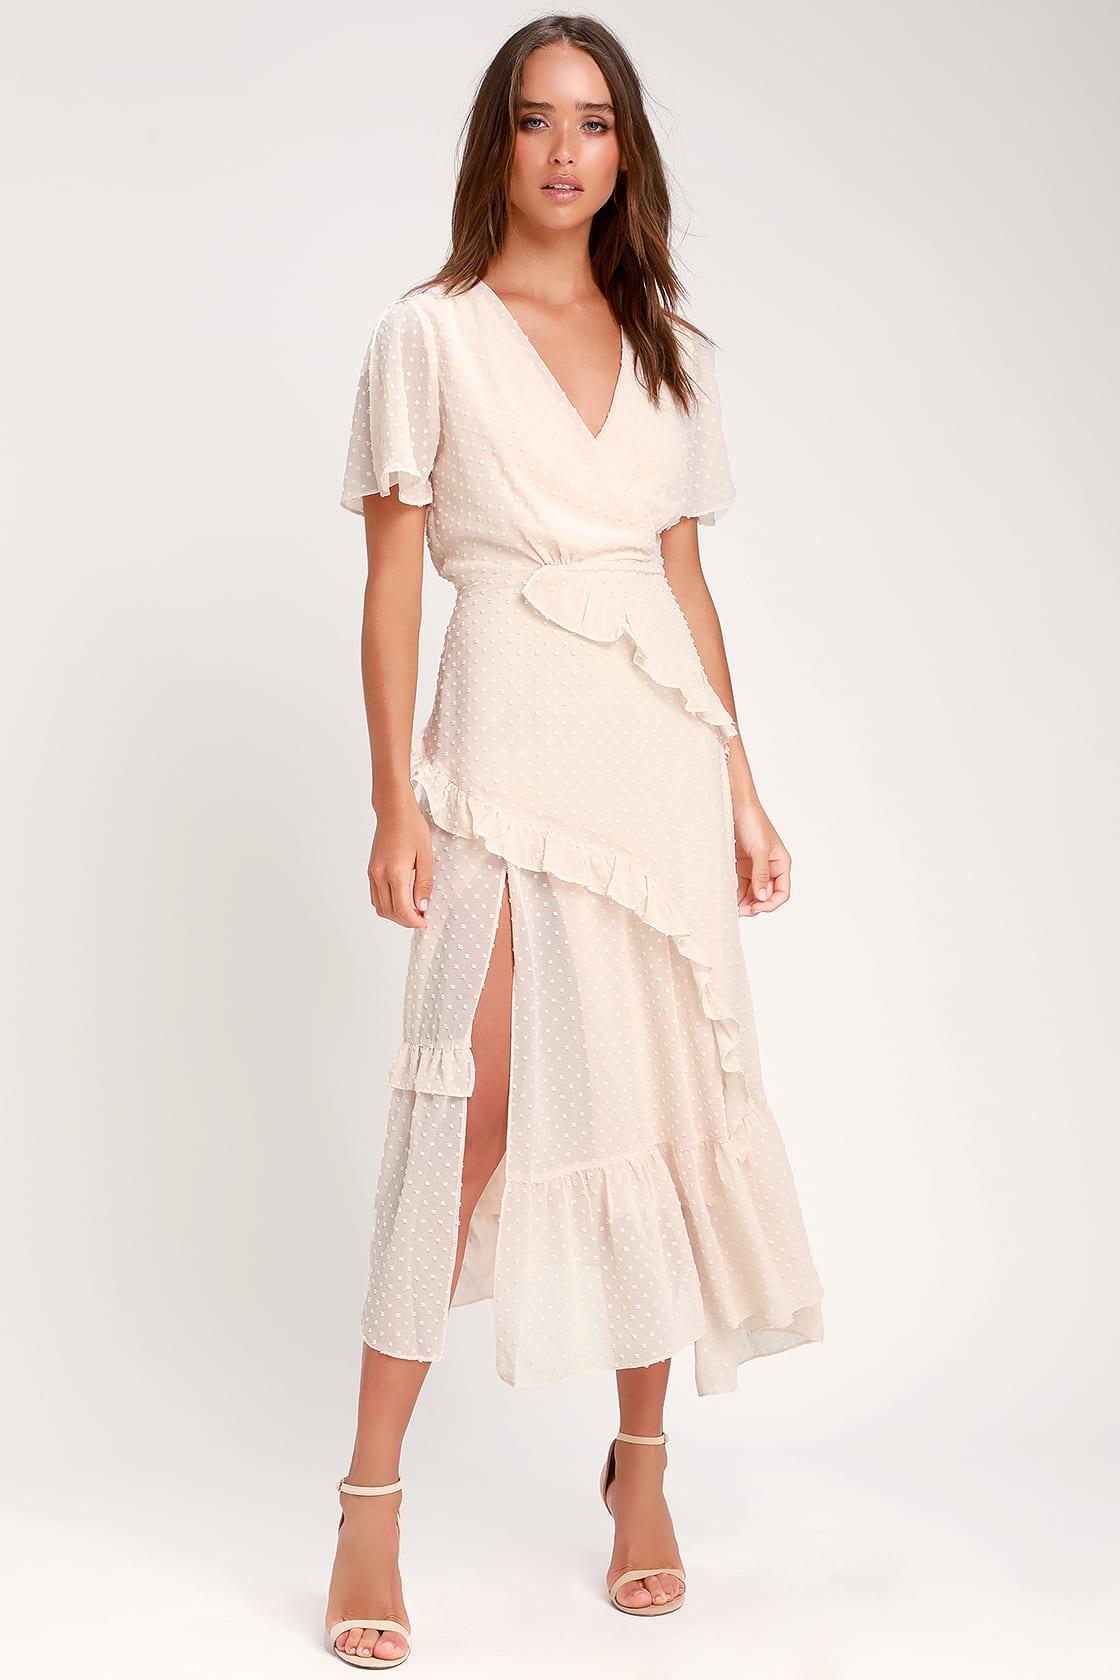 Next to You Cream Swiss Dot Ruffled Midi Dress